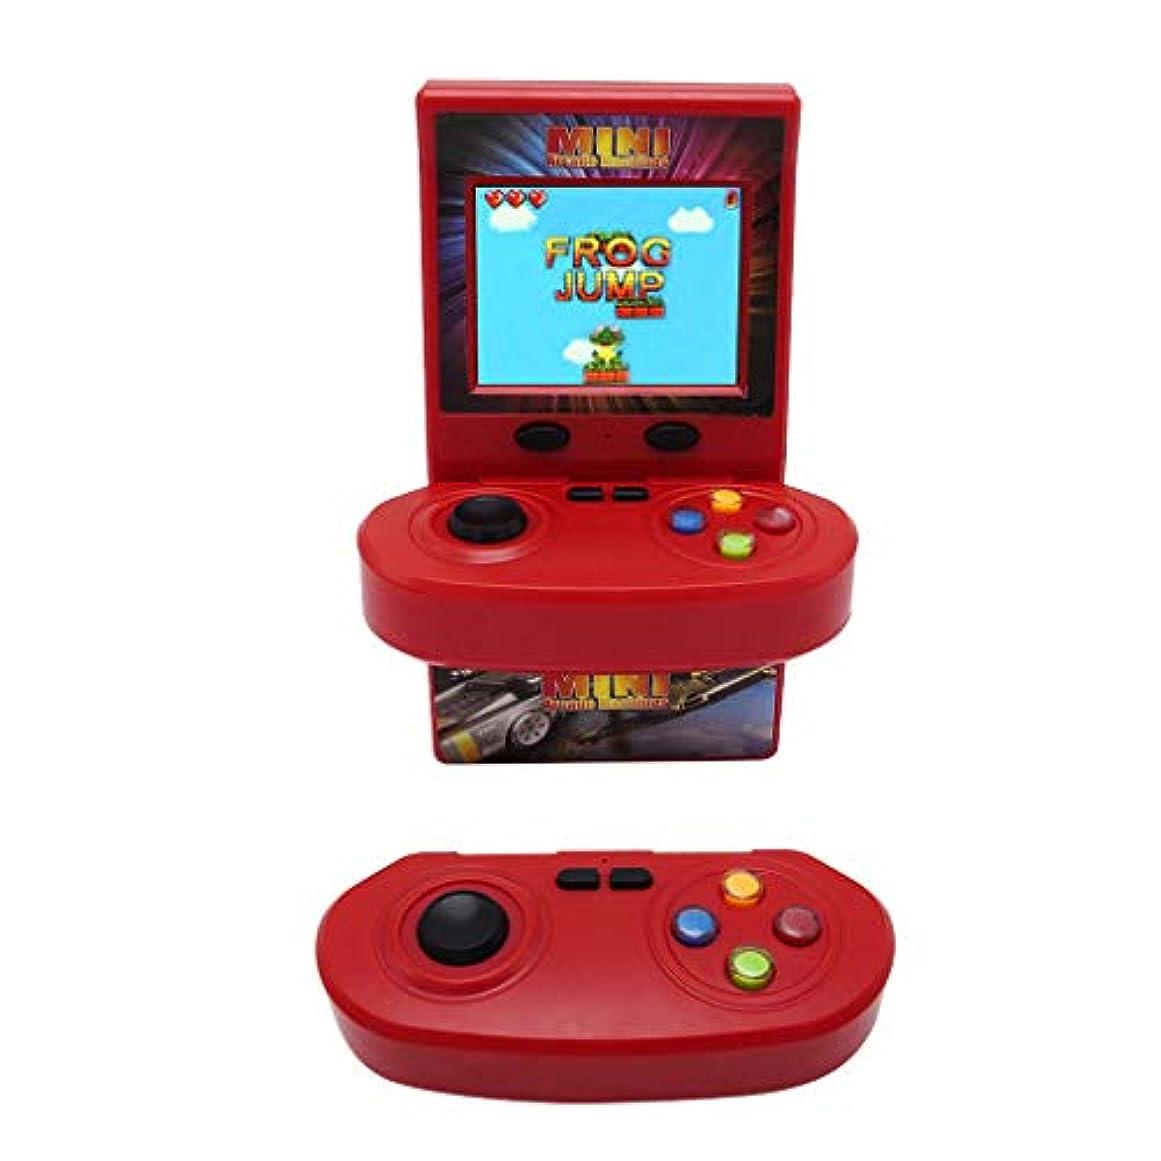 レコーダー最大威するゲームコンソール ダブルワイヤレスジョイスティック アーケードゲーム コンソール ノスタルジック 100ゲーム ゲームプレーヤー ダブルハンドル 携帯ゲーム機huajuan